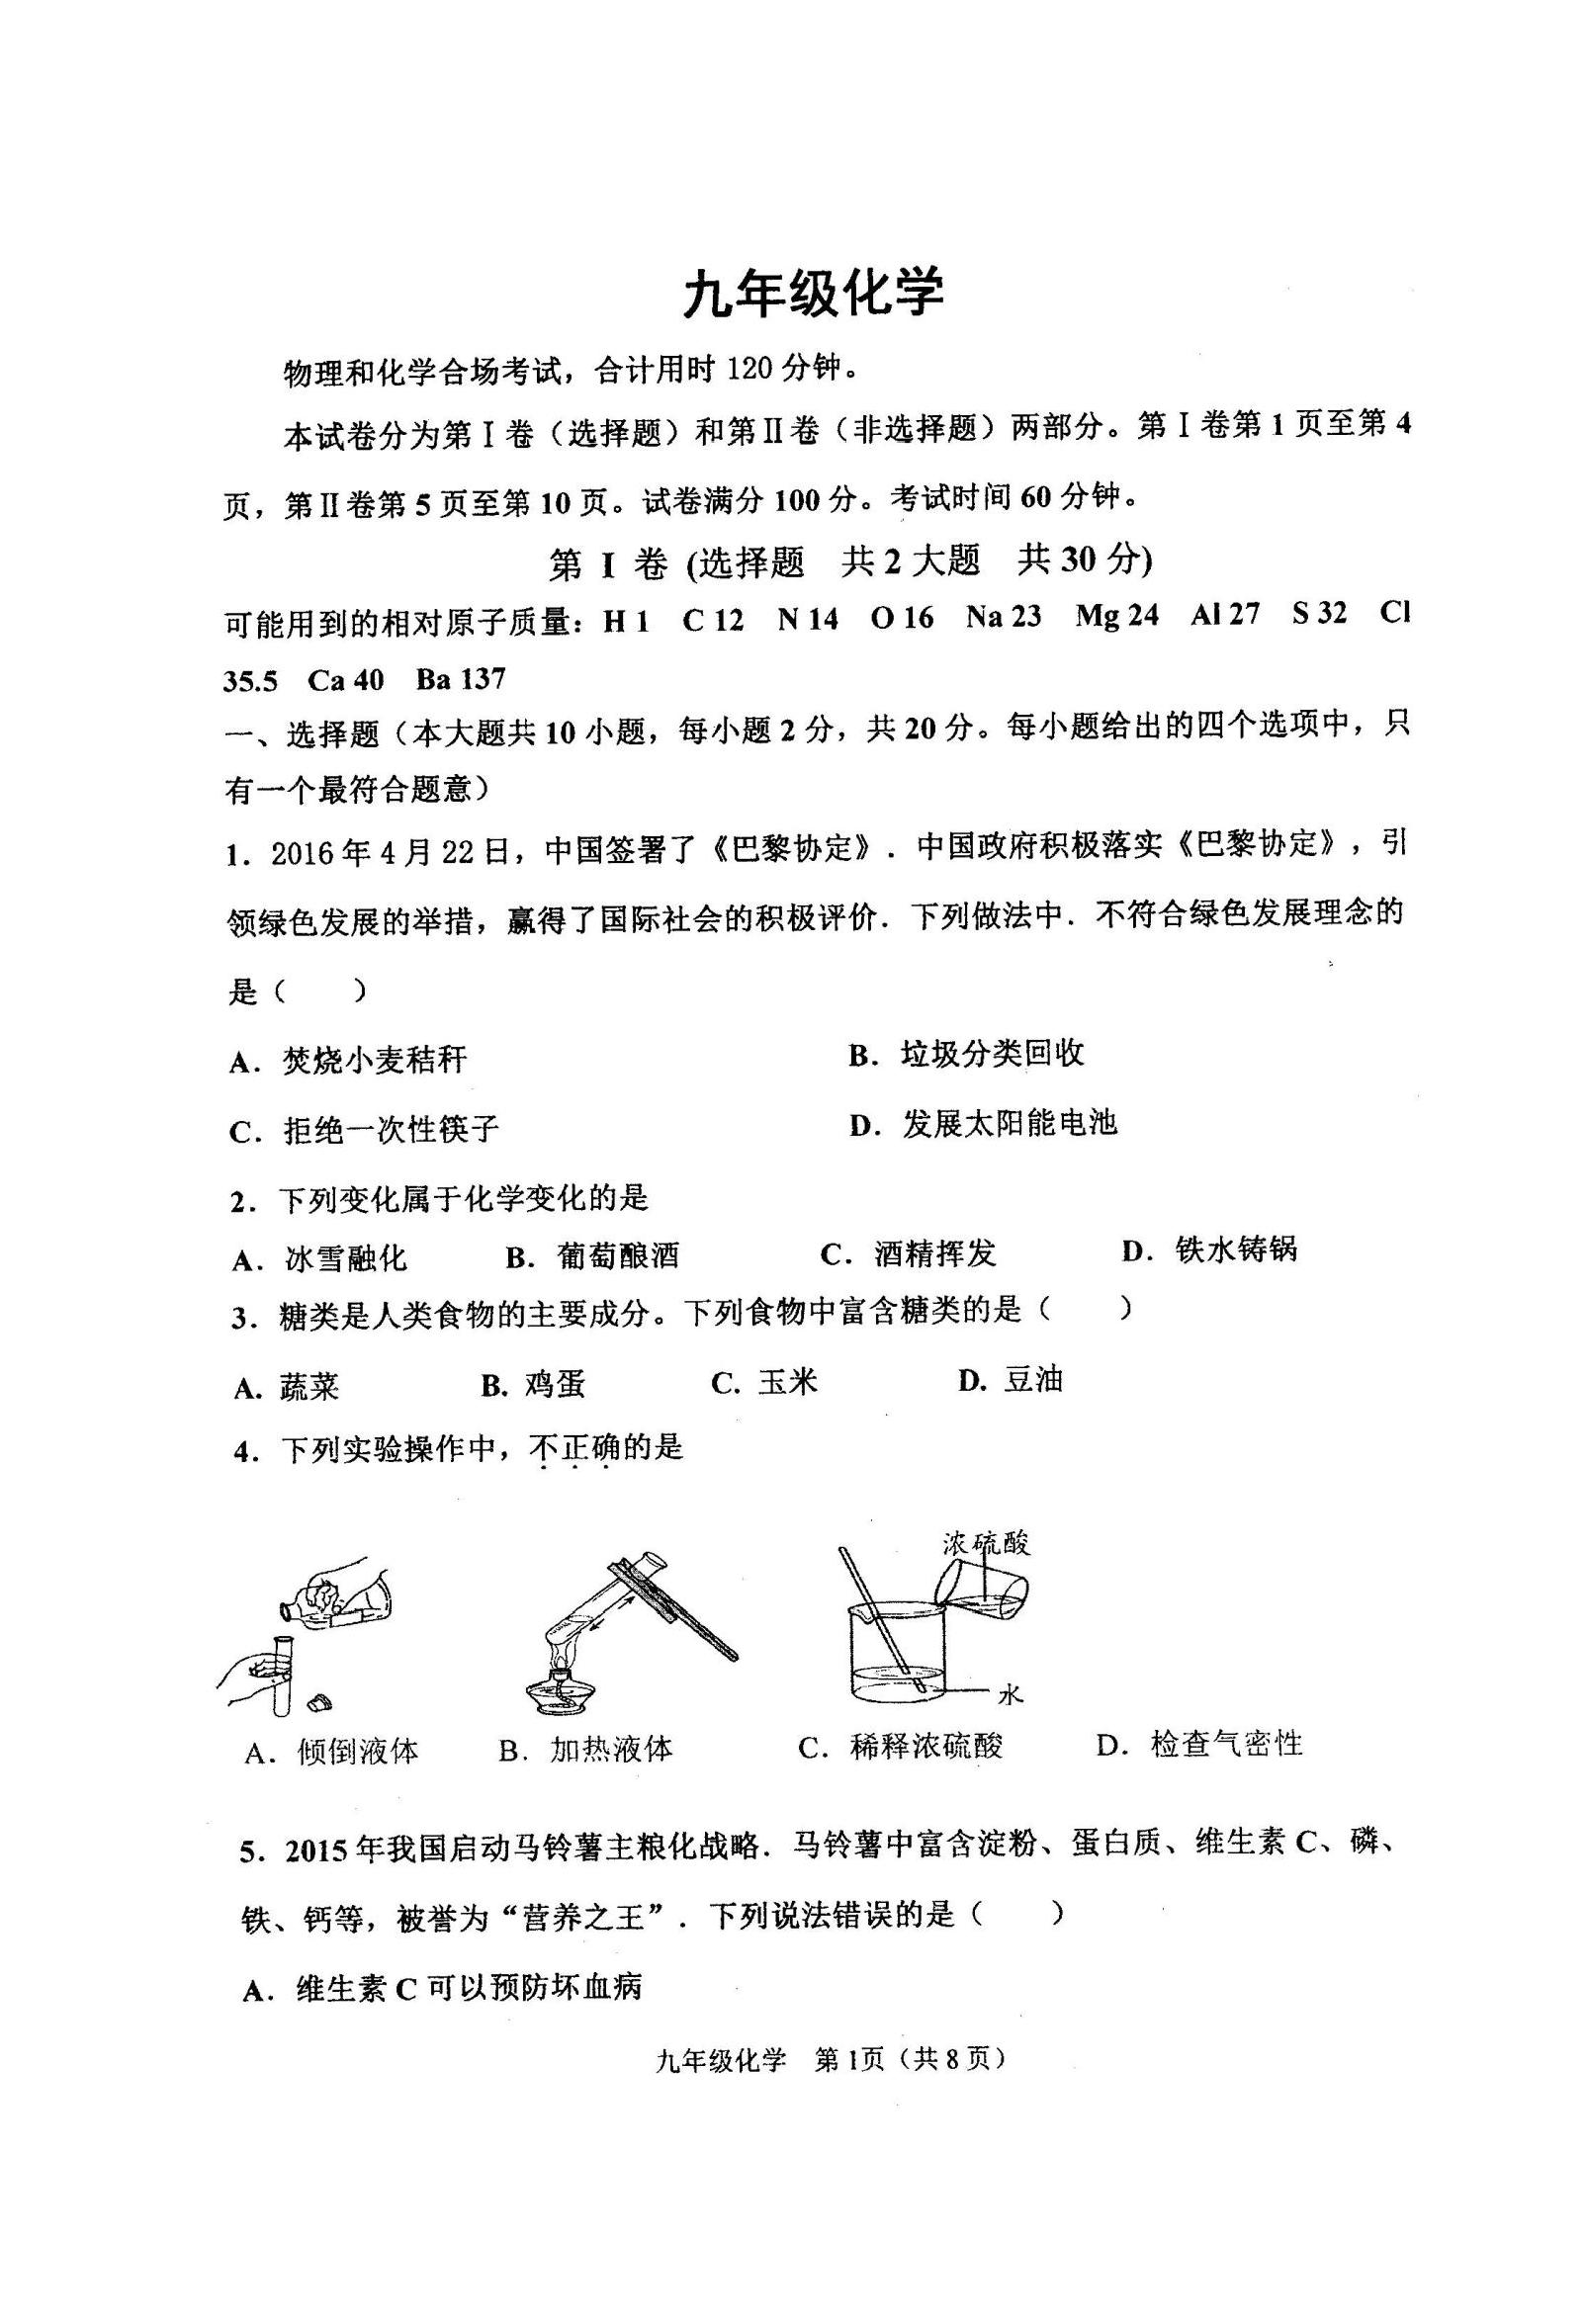 天津红桥2017九年级结课考质量检测化学试题(Word版)